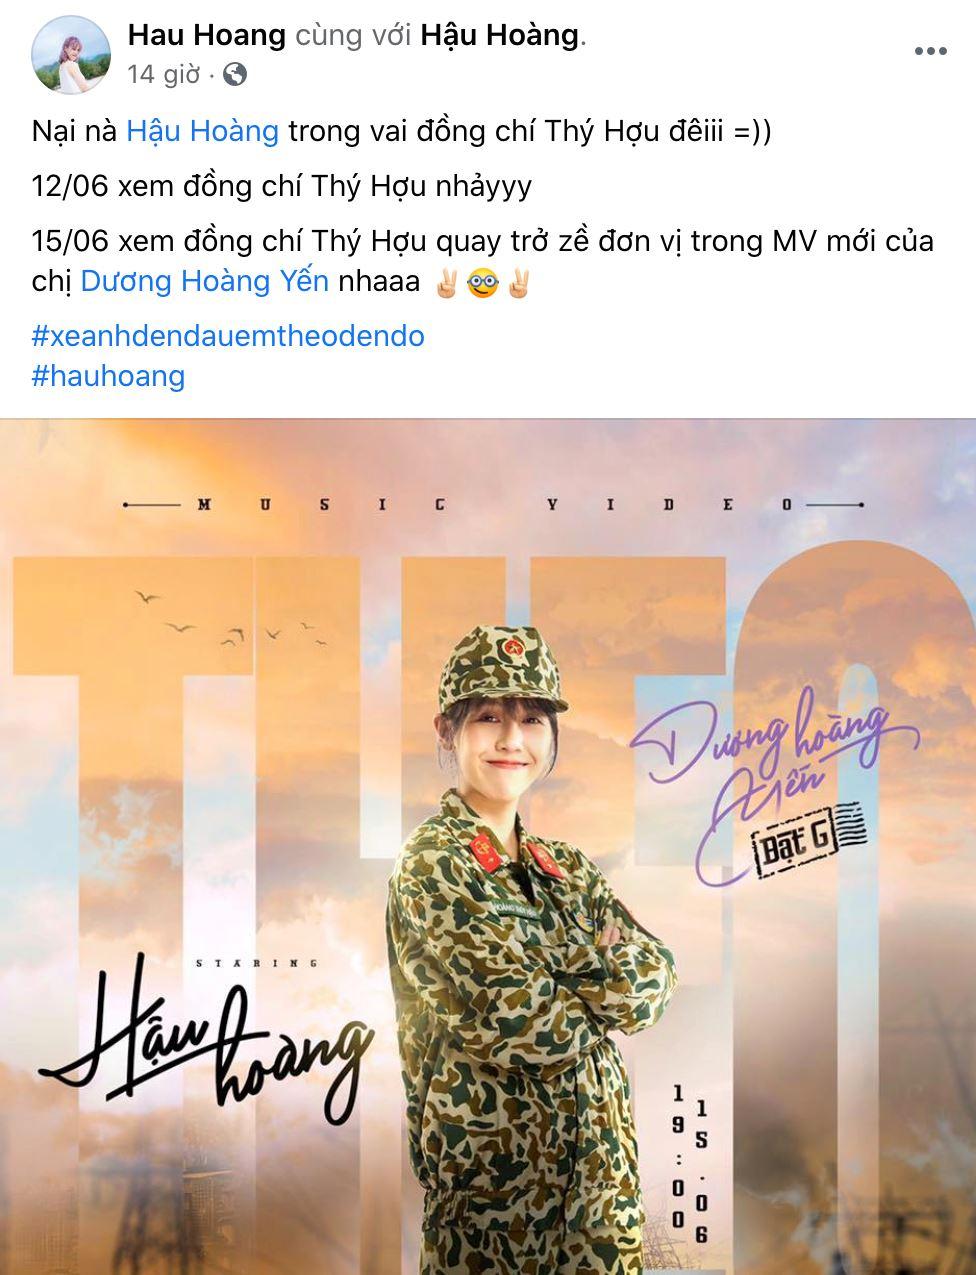 HOT: Hậu Hoàng và Mũi trưởng Long 'gây sốt' khi xác nhận cùng đóng MV của Dương Hoàng Yến 1